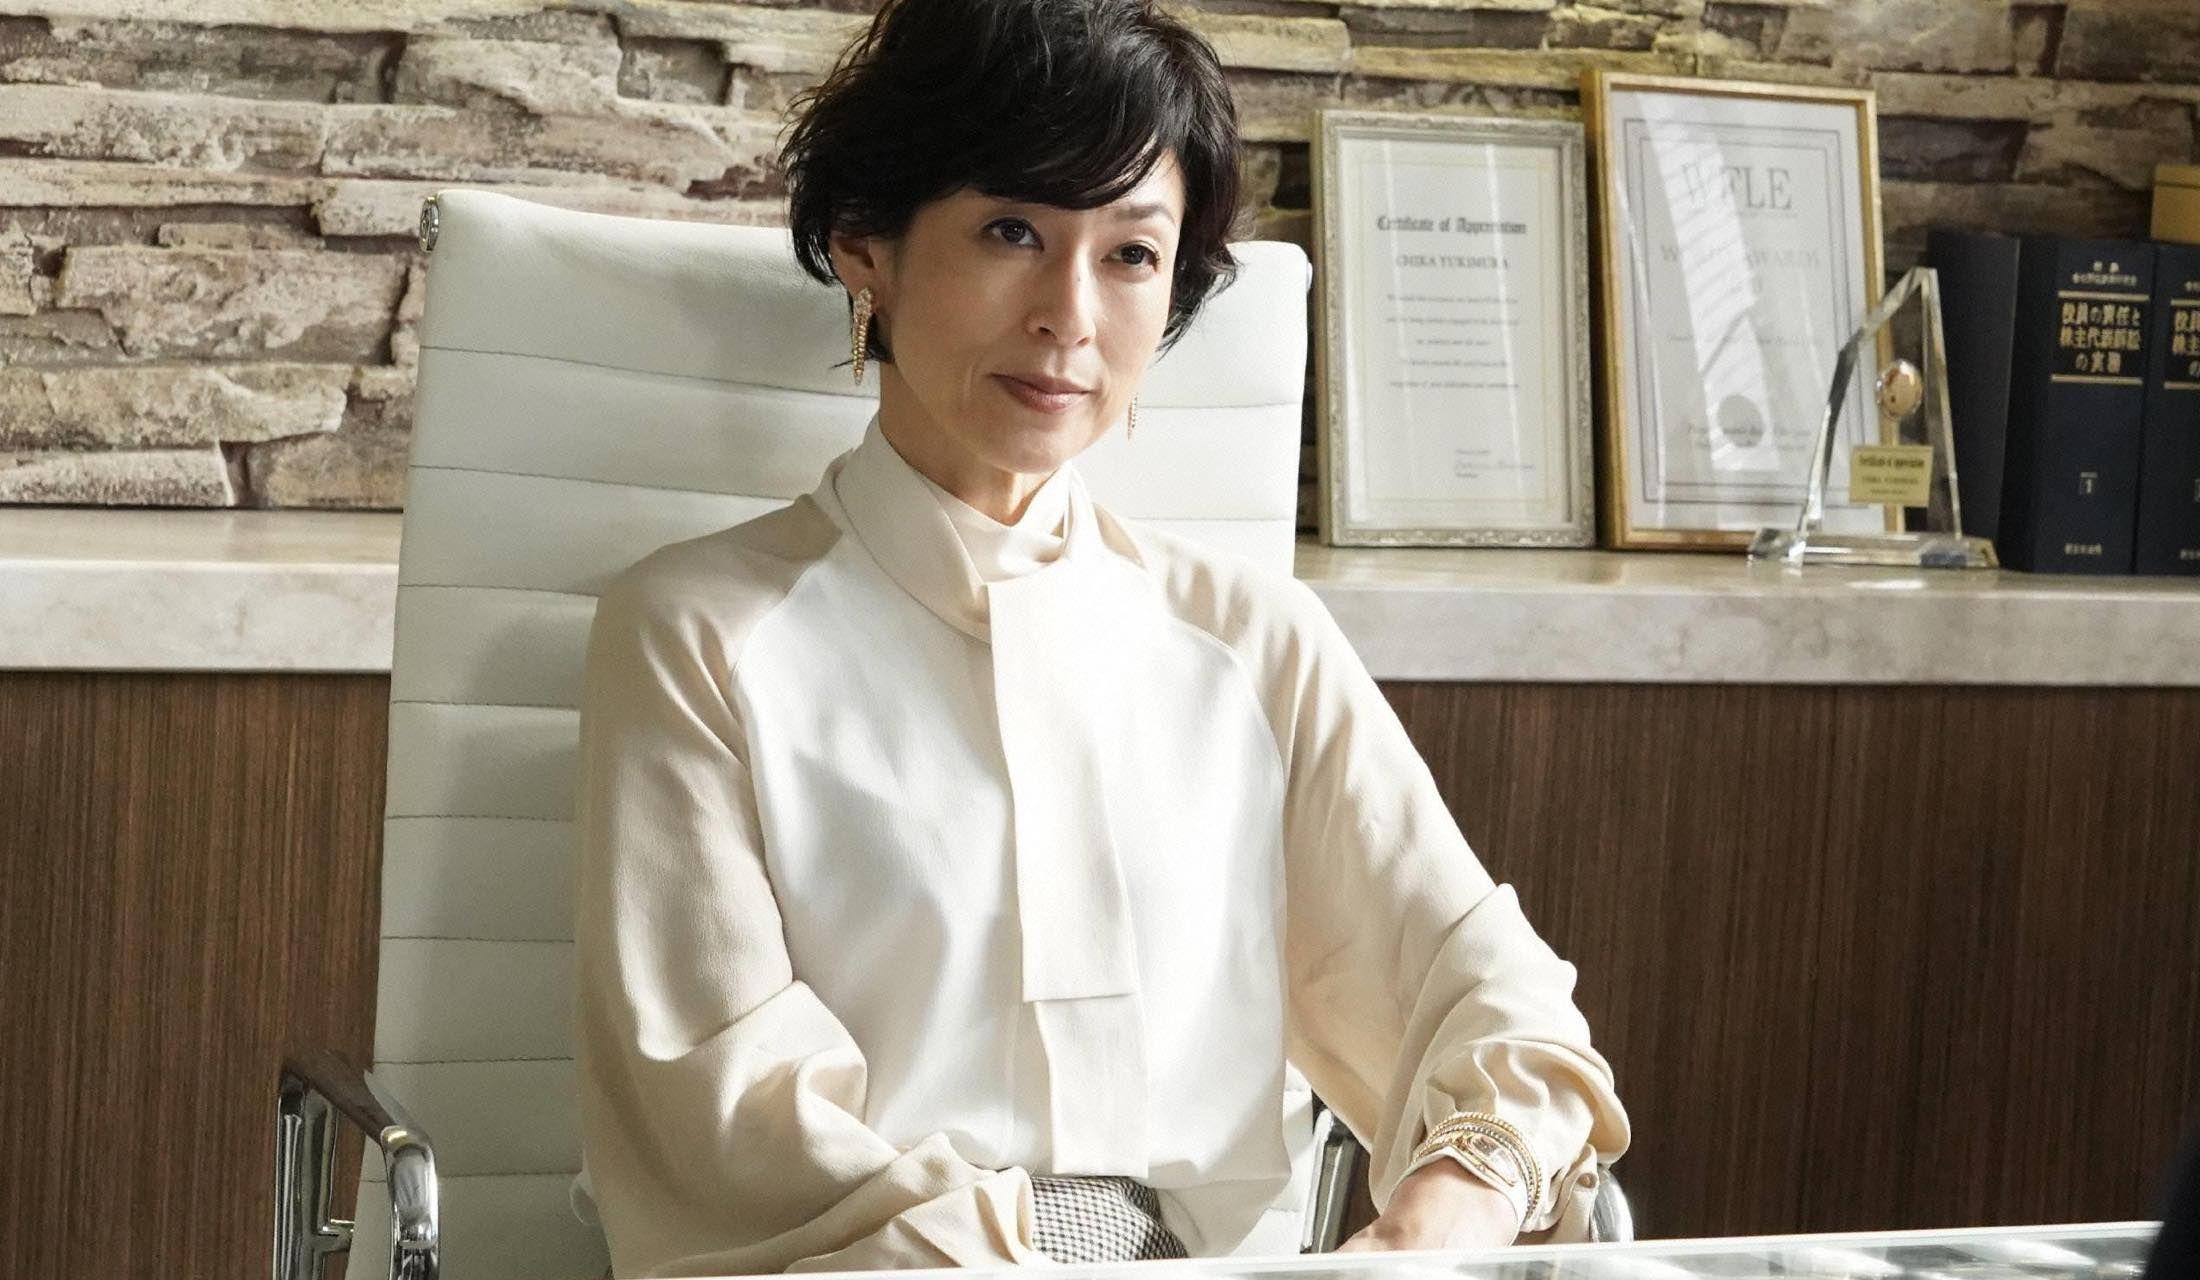 月9ドラマ『SUITS/スーツ』第10話、鈴木保奈美さんの「女っぽい